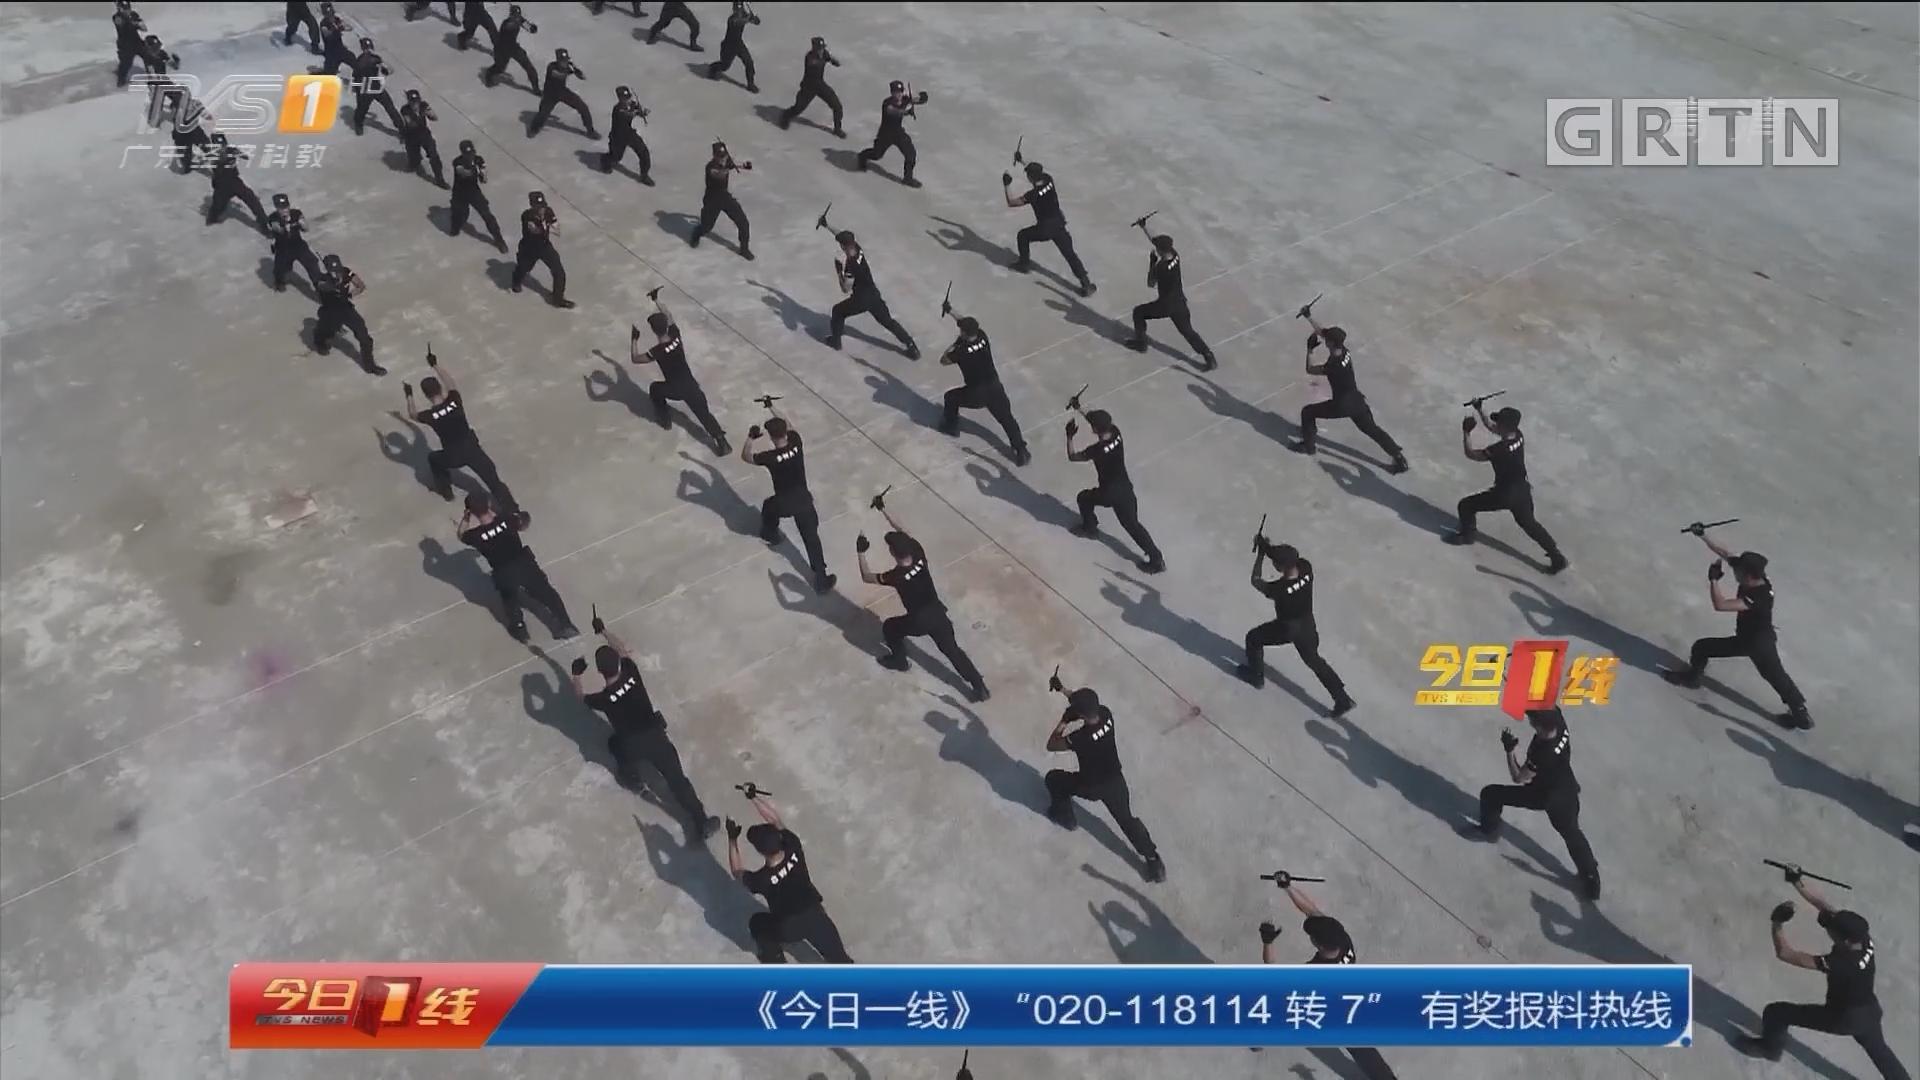 广州警方十九大安保决战:徒手攀爬高楼 特警实战演练保平安